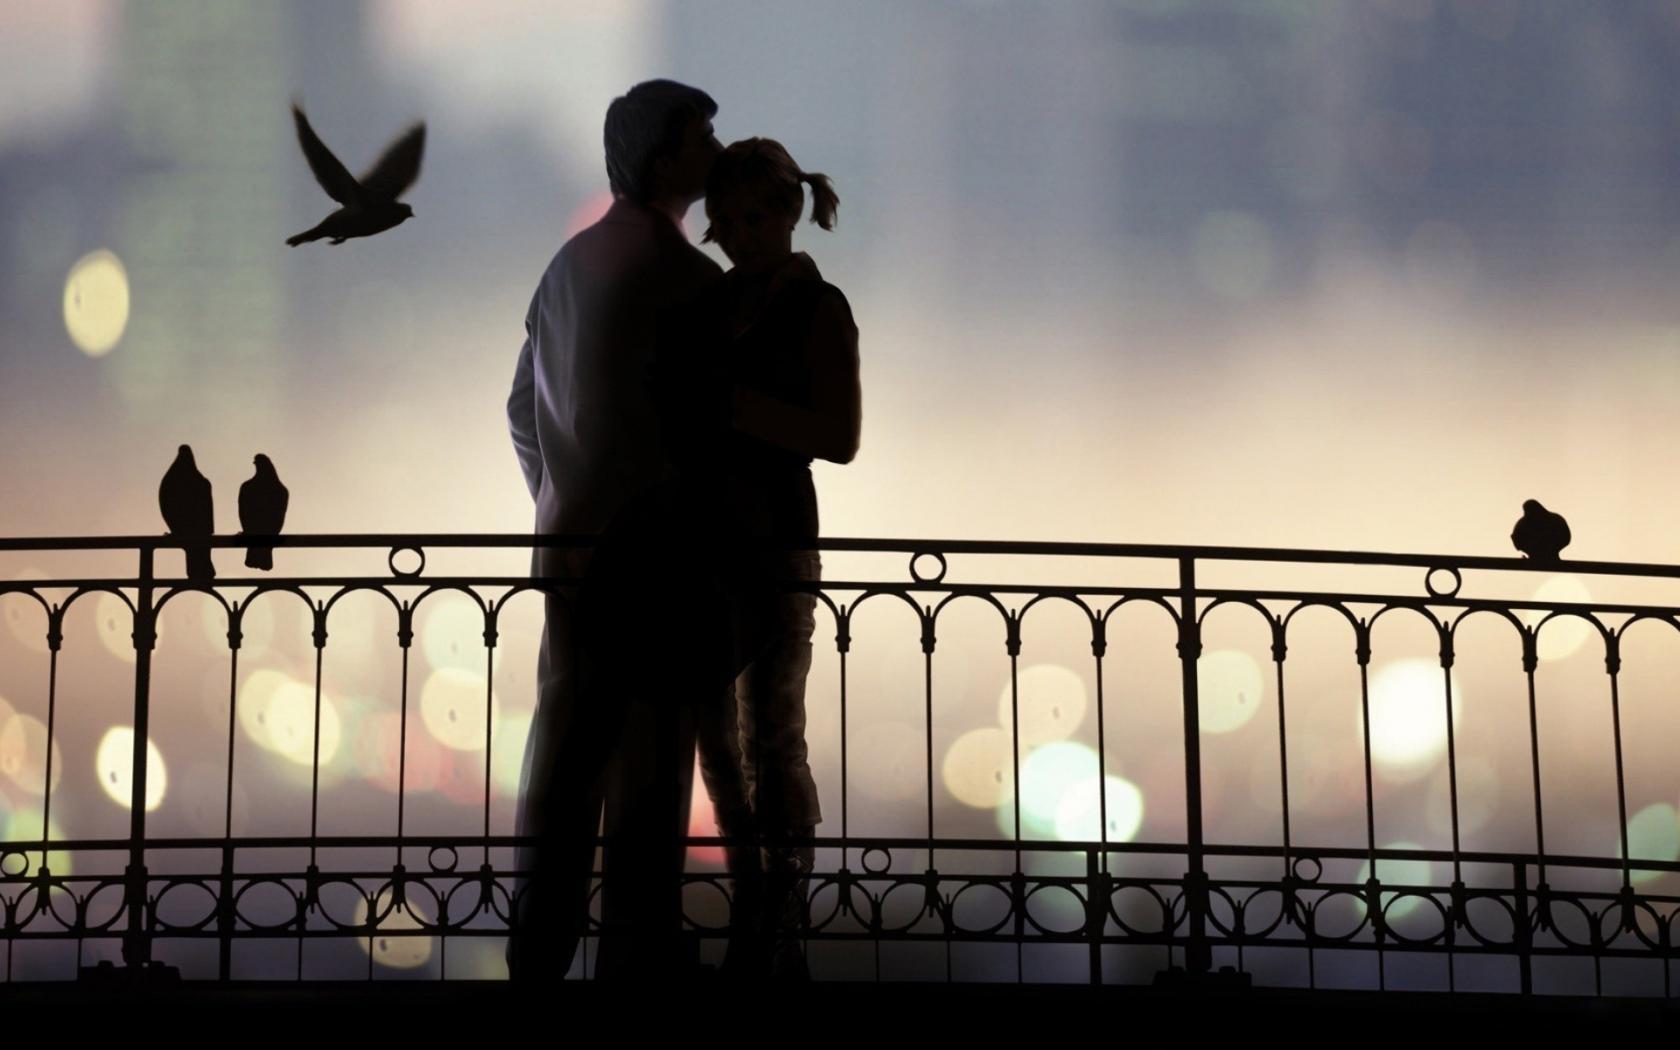 Romantic Love Hd Images Free Download 1 Desktop Wallpaper Hdlovewall Com